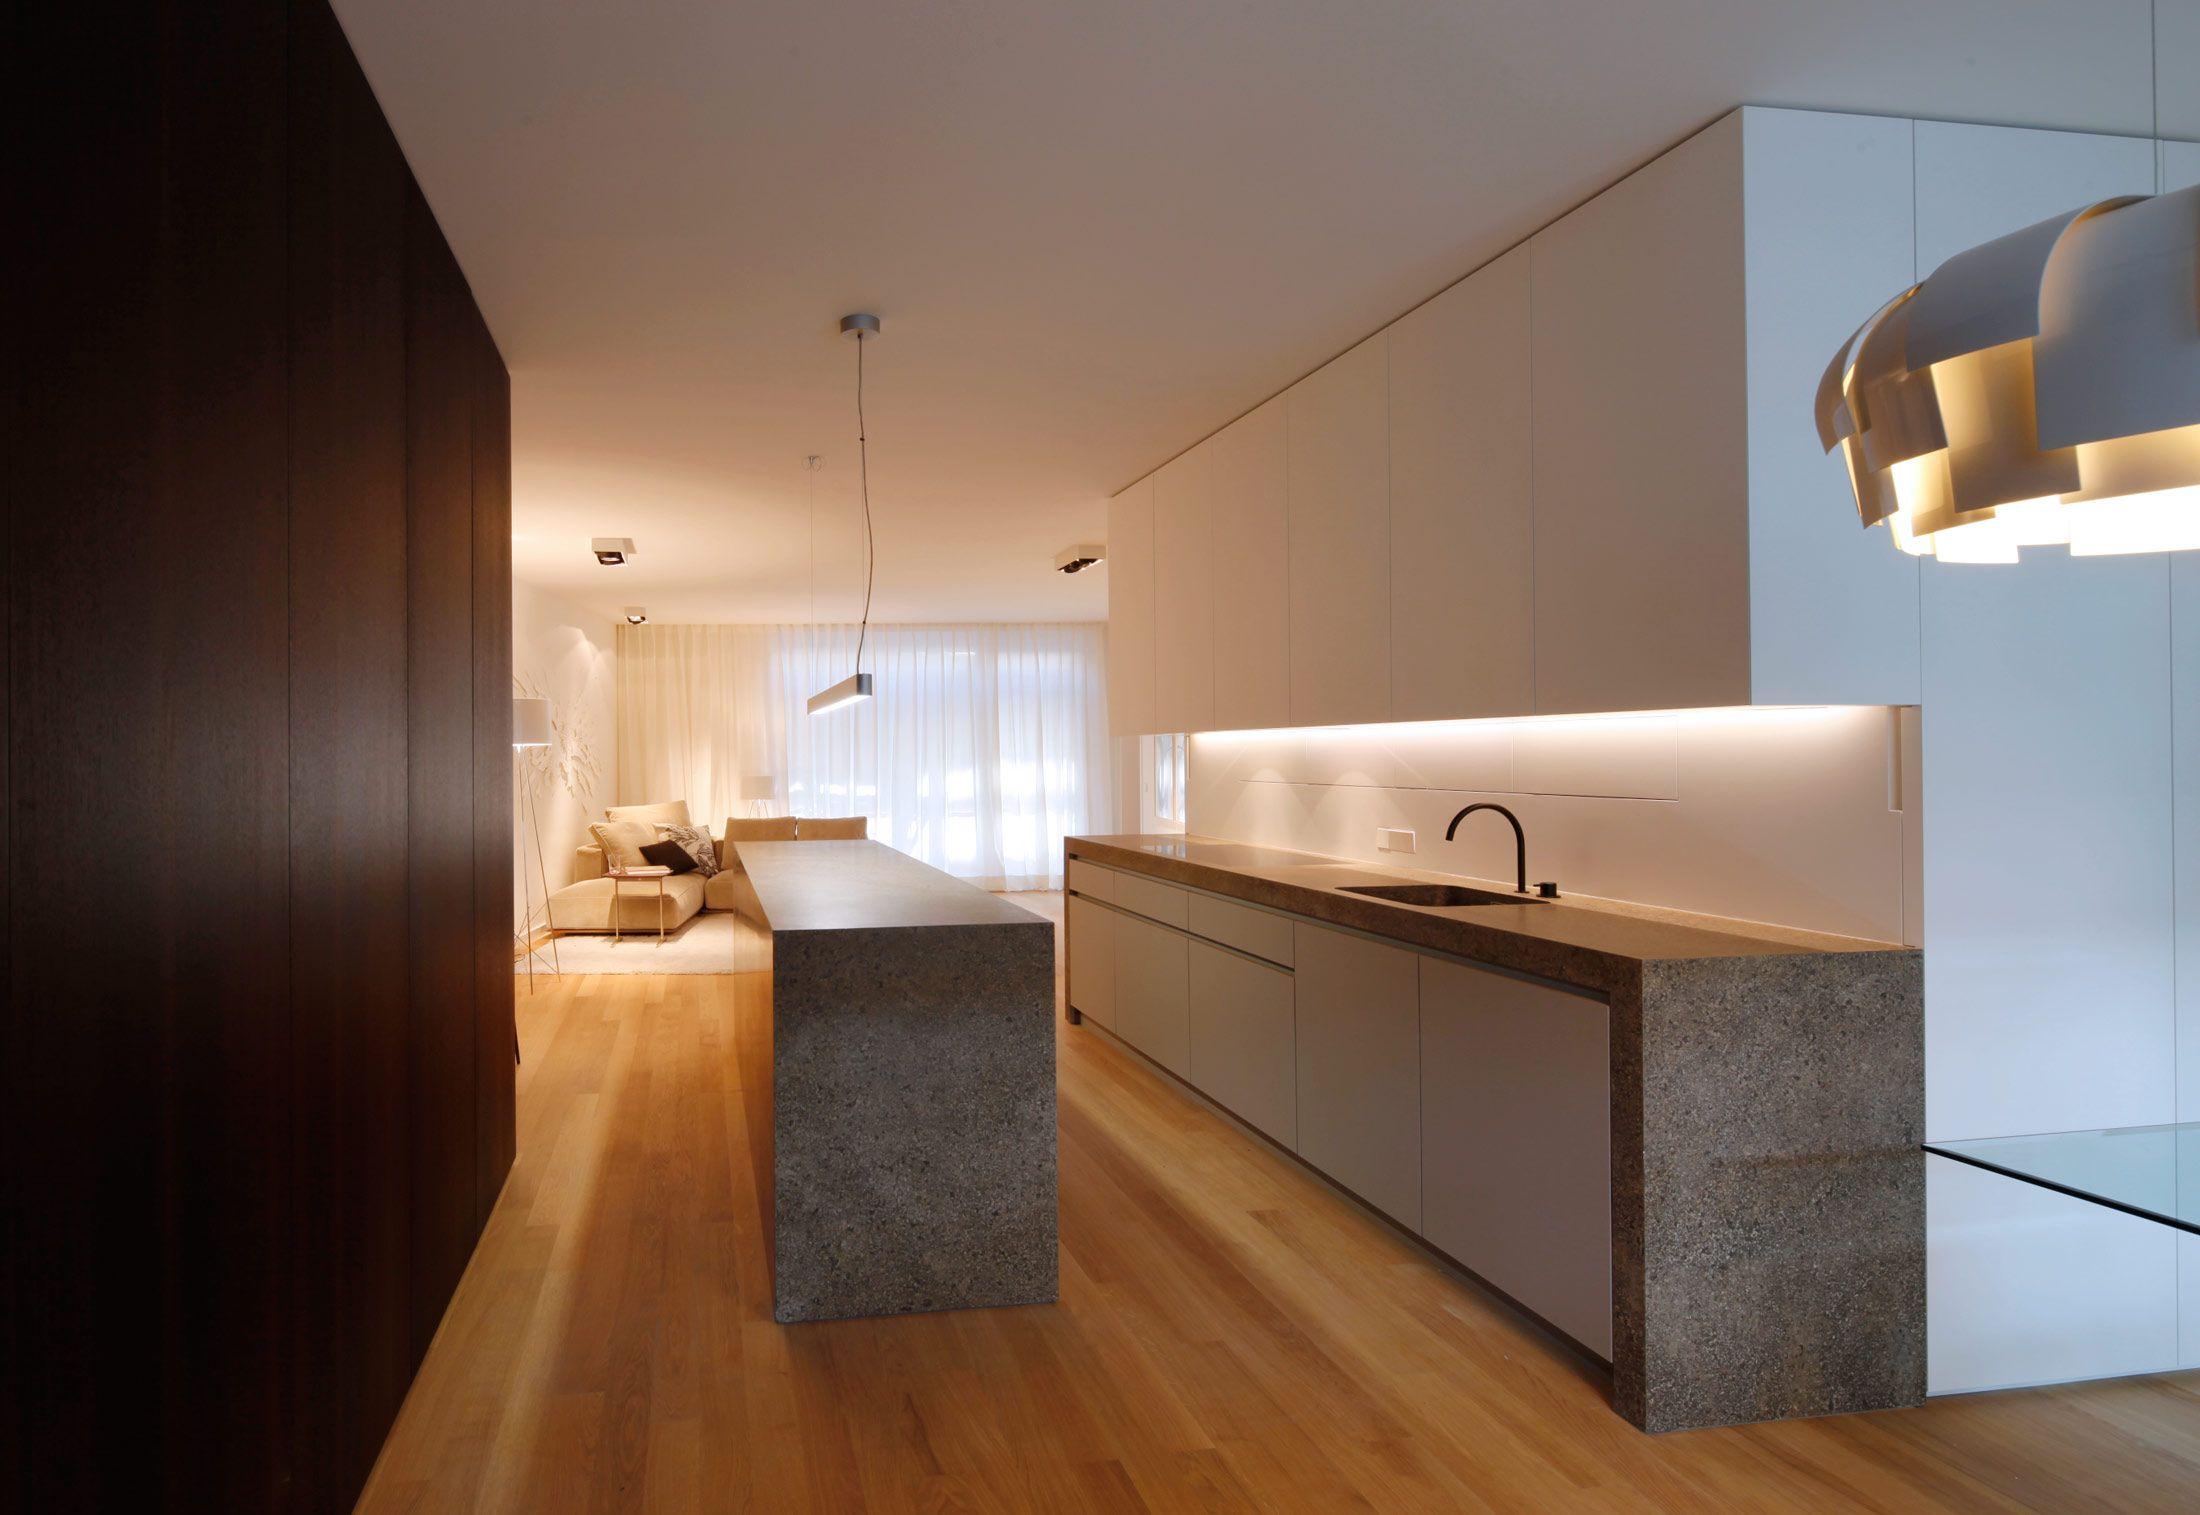 holzrausch k che hofstatt home sweet home pinterest k che und wohnen. Black Bedroom Furniture Sets. Home Design Ideas